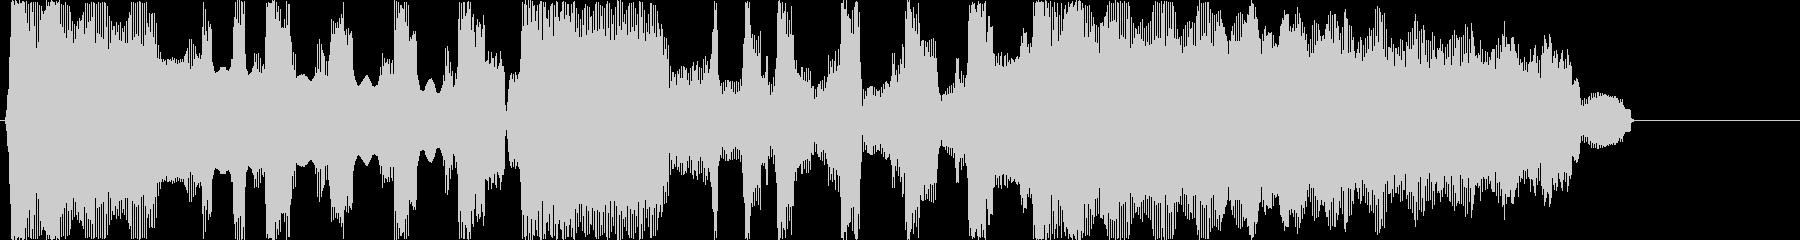 ゲームクリアのジングルですの未再生の波形